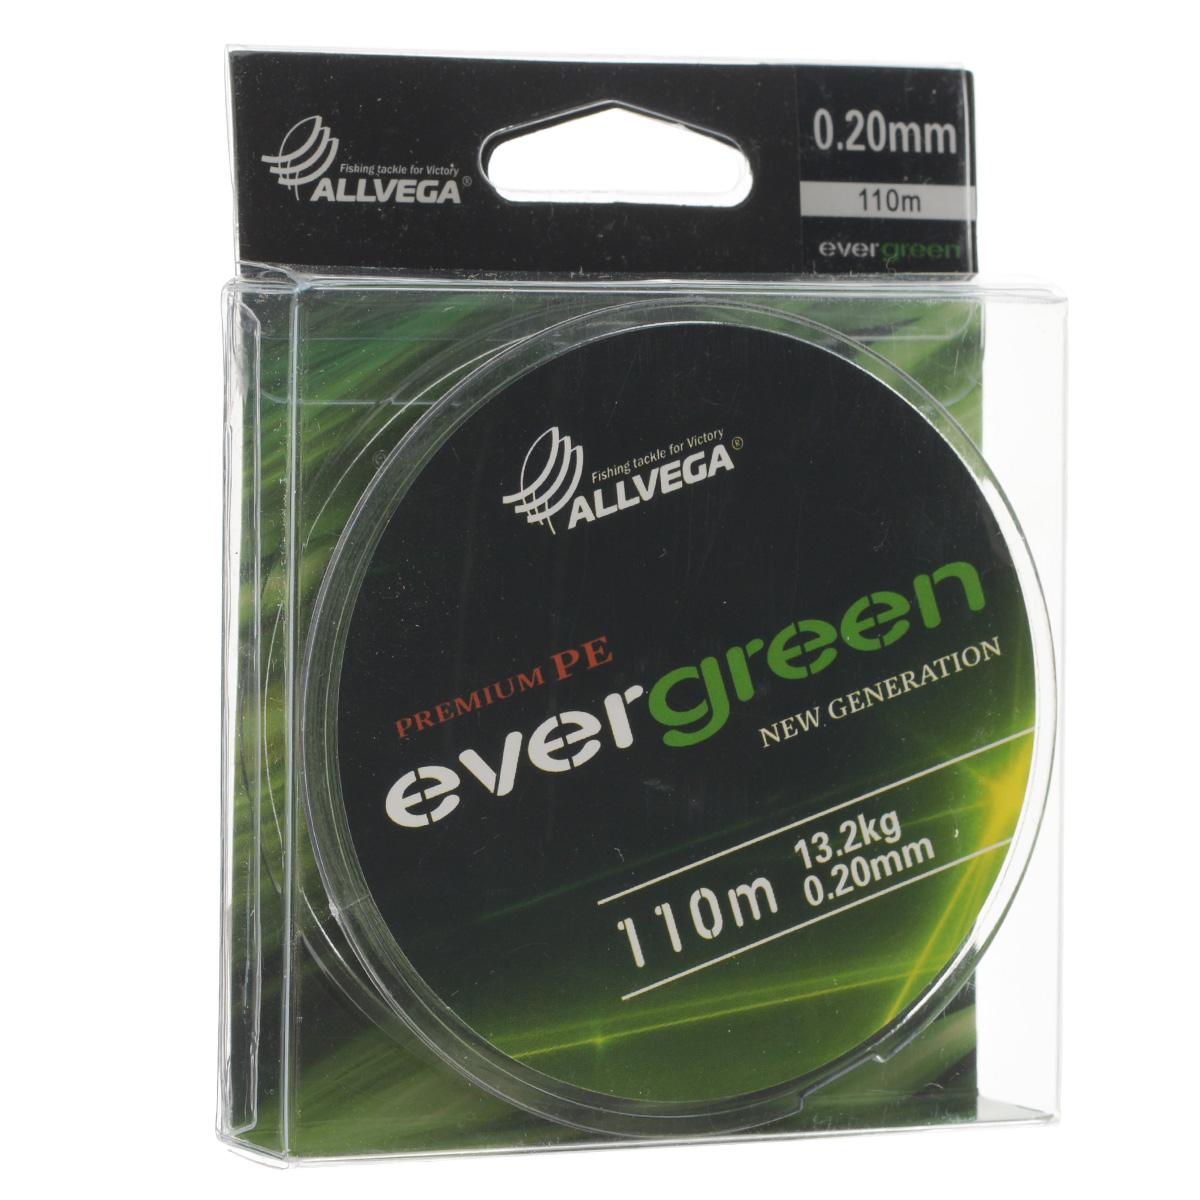 Леска плетеная Allvega Evergreen, цвет: темно-зеленый, 110 м, 0,20 мм, 13,2 кг03/1/12Плетеная леска Allvega Evergreen очень прочная и способна выдержать сильные нагрузки. Благодаря высококачественному сырью леска Allvega Allvega Evergreen максимально устойчива к любым погодным условиям и особенностям каждого водоема. При традиционных методах производства плетеные шнуры со временем теряют свой цвет (покрытие), а вместе с ним и часть своих полезных физических свойств. Революционно новый подход в технологии изготовления лесок Allvega Evergreen позволяет забыть о проблеме потери цвета в процессе использования шнура. Он всегда будет зеленым - он просто не может быть другим!